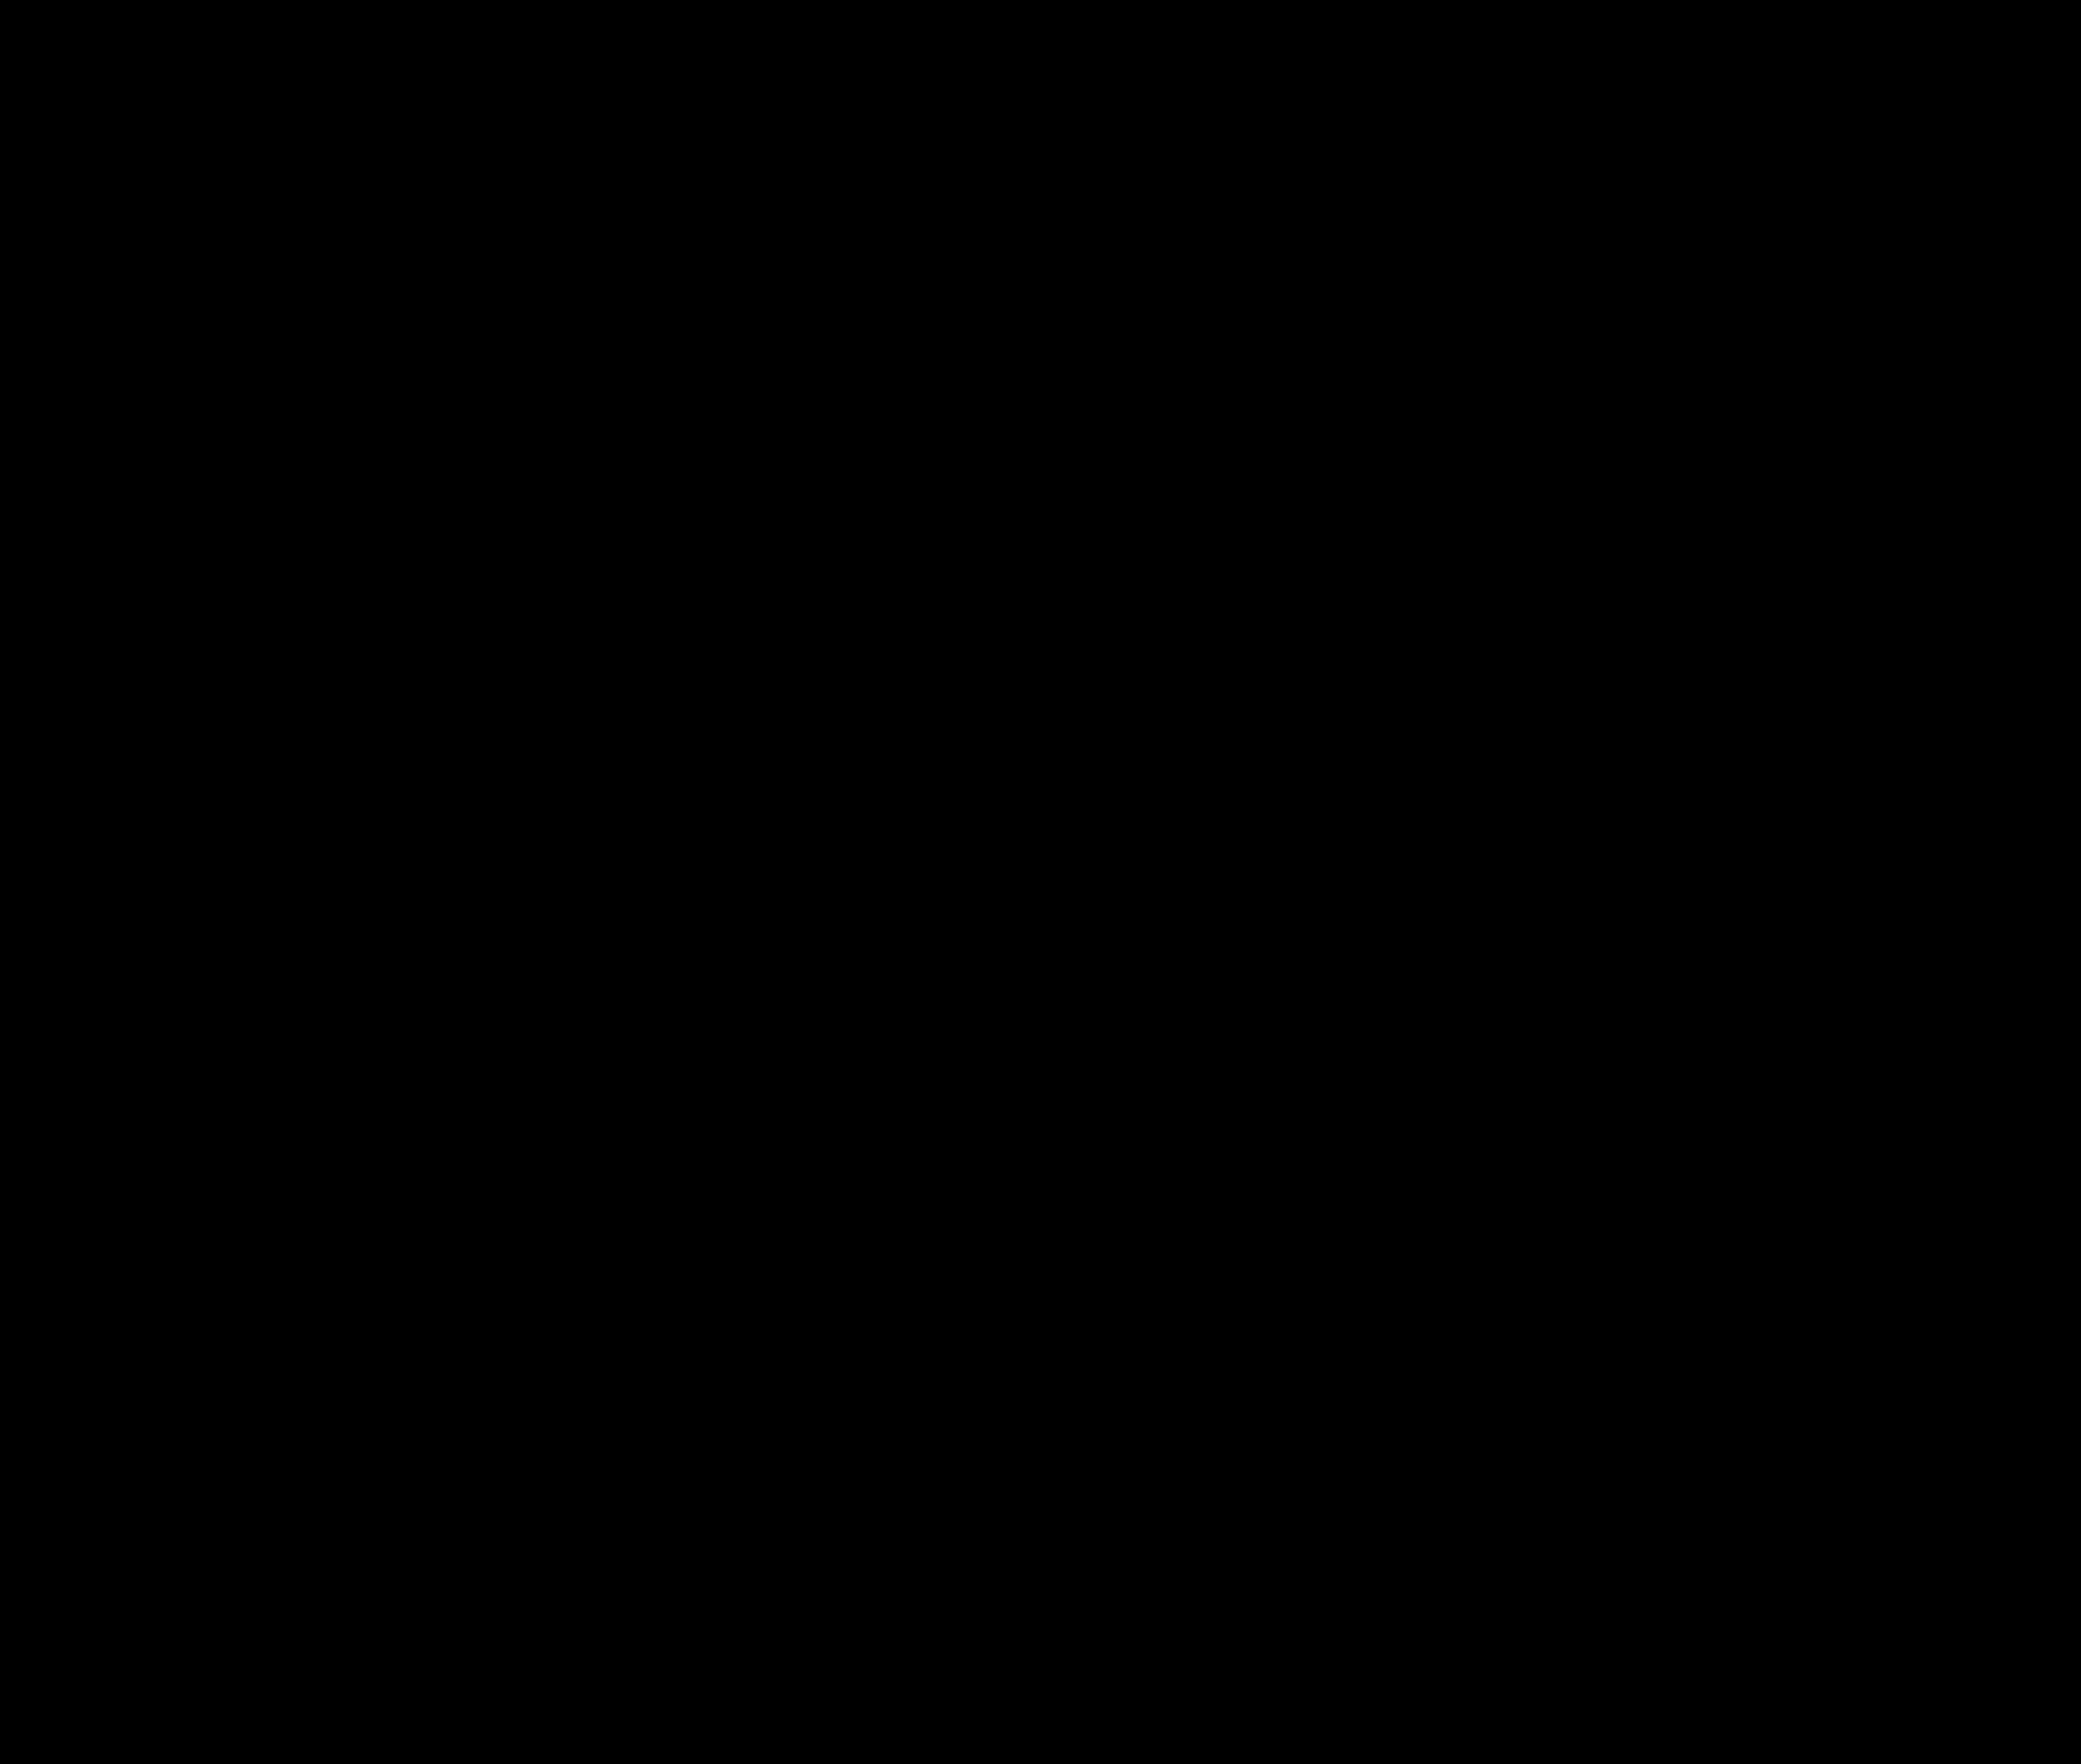 Purple Puzzle pieces